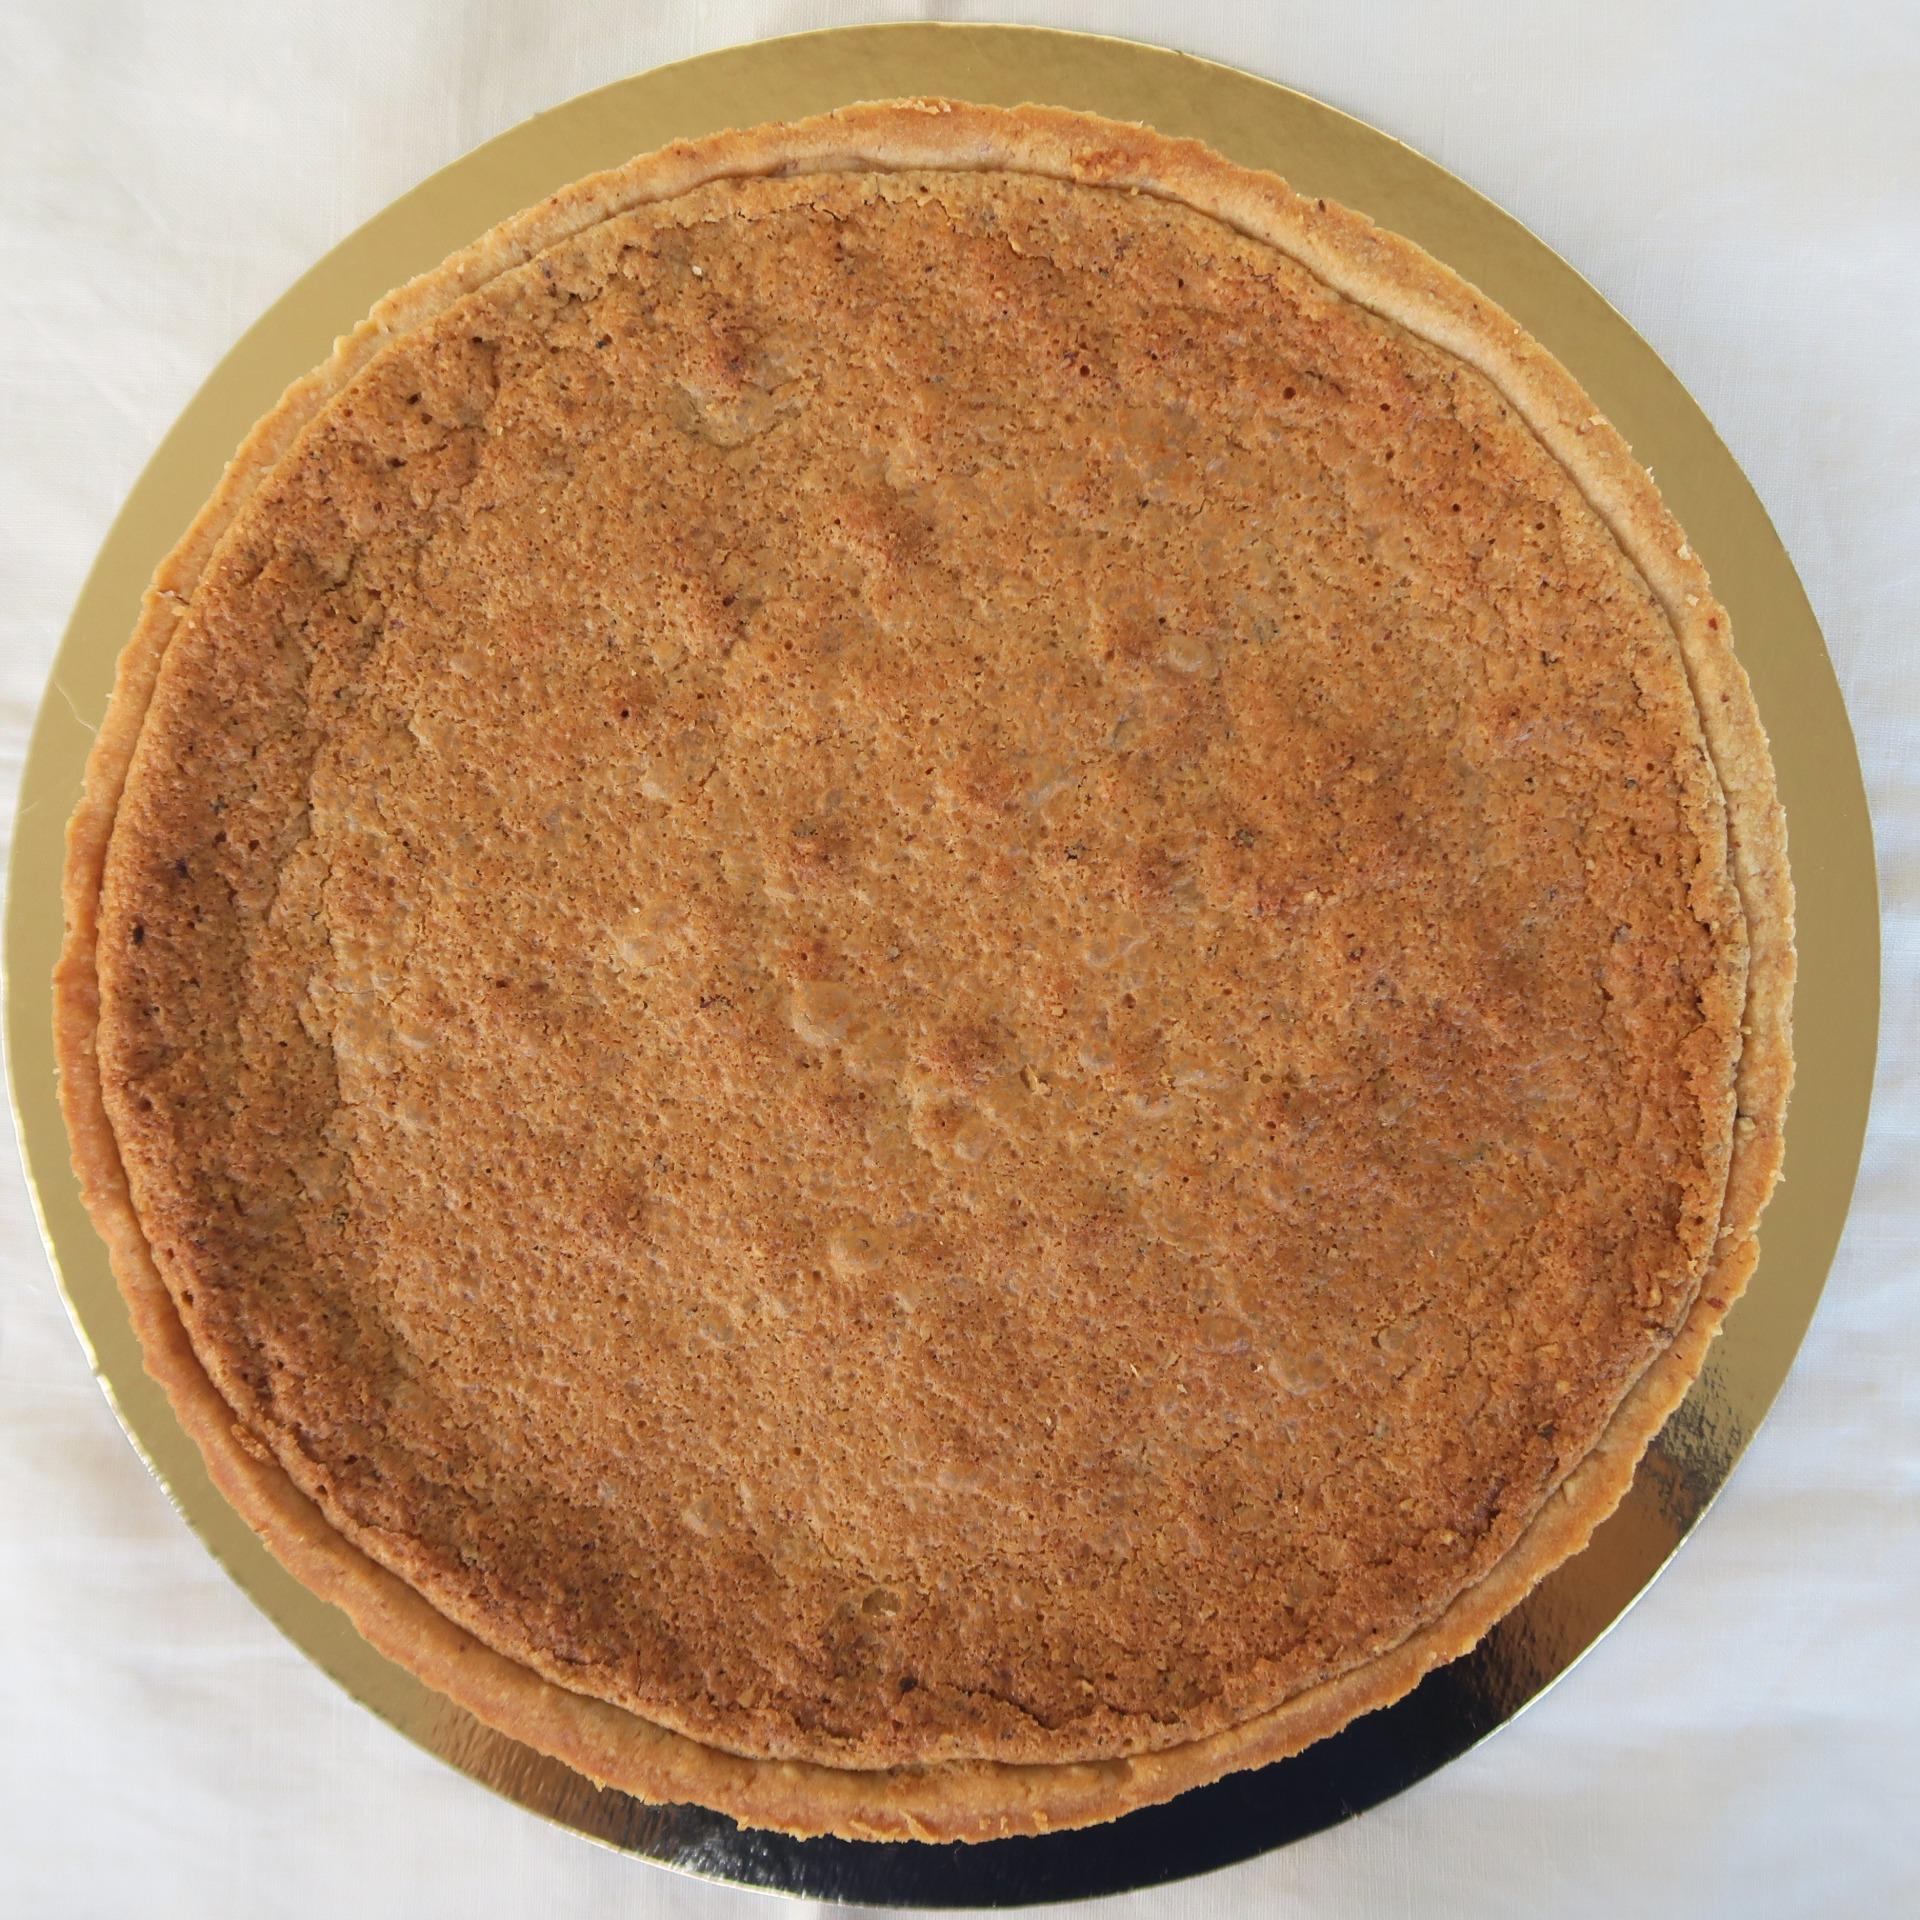 pâte sucrée crème noisette tarte piémontaise